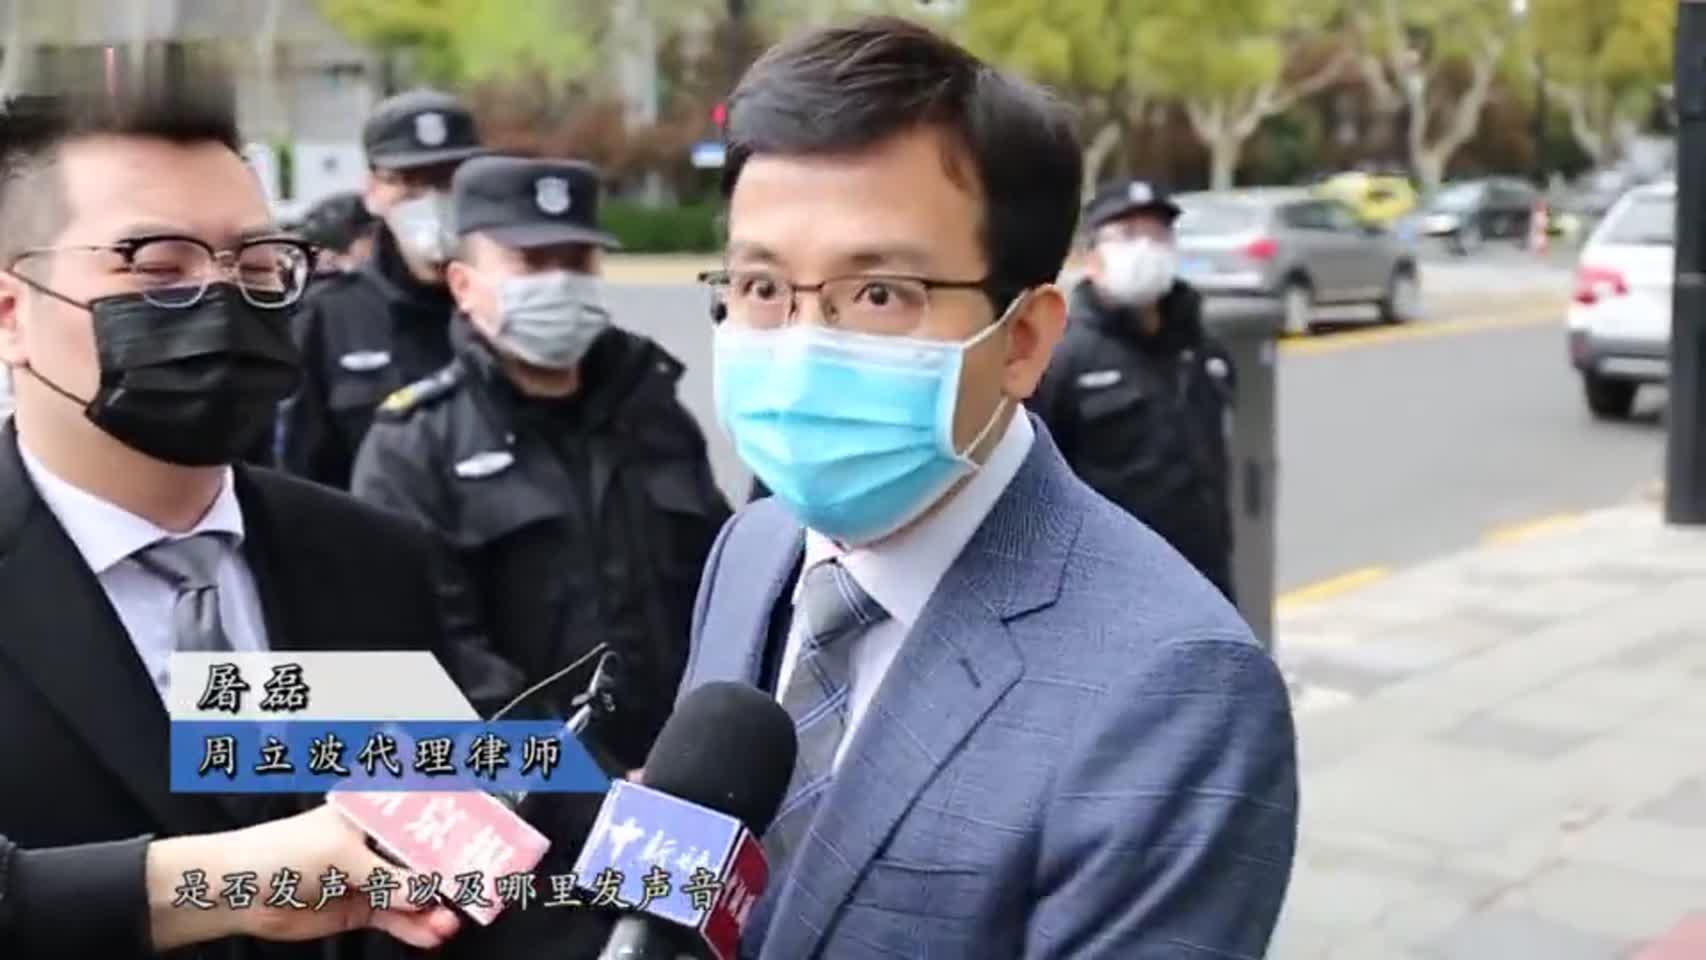 相互道歉!周立波唐爽互诉网络侵权责任纠纷案在沪宣判